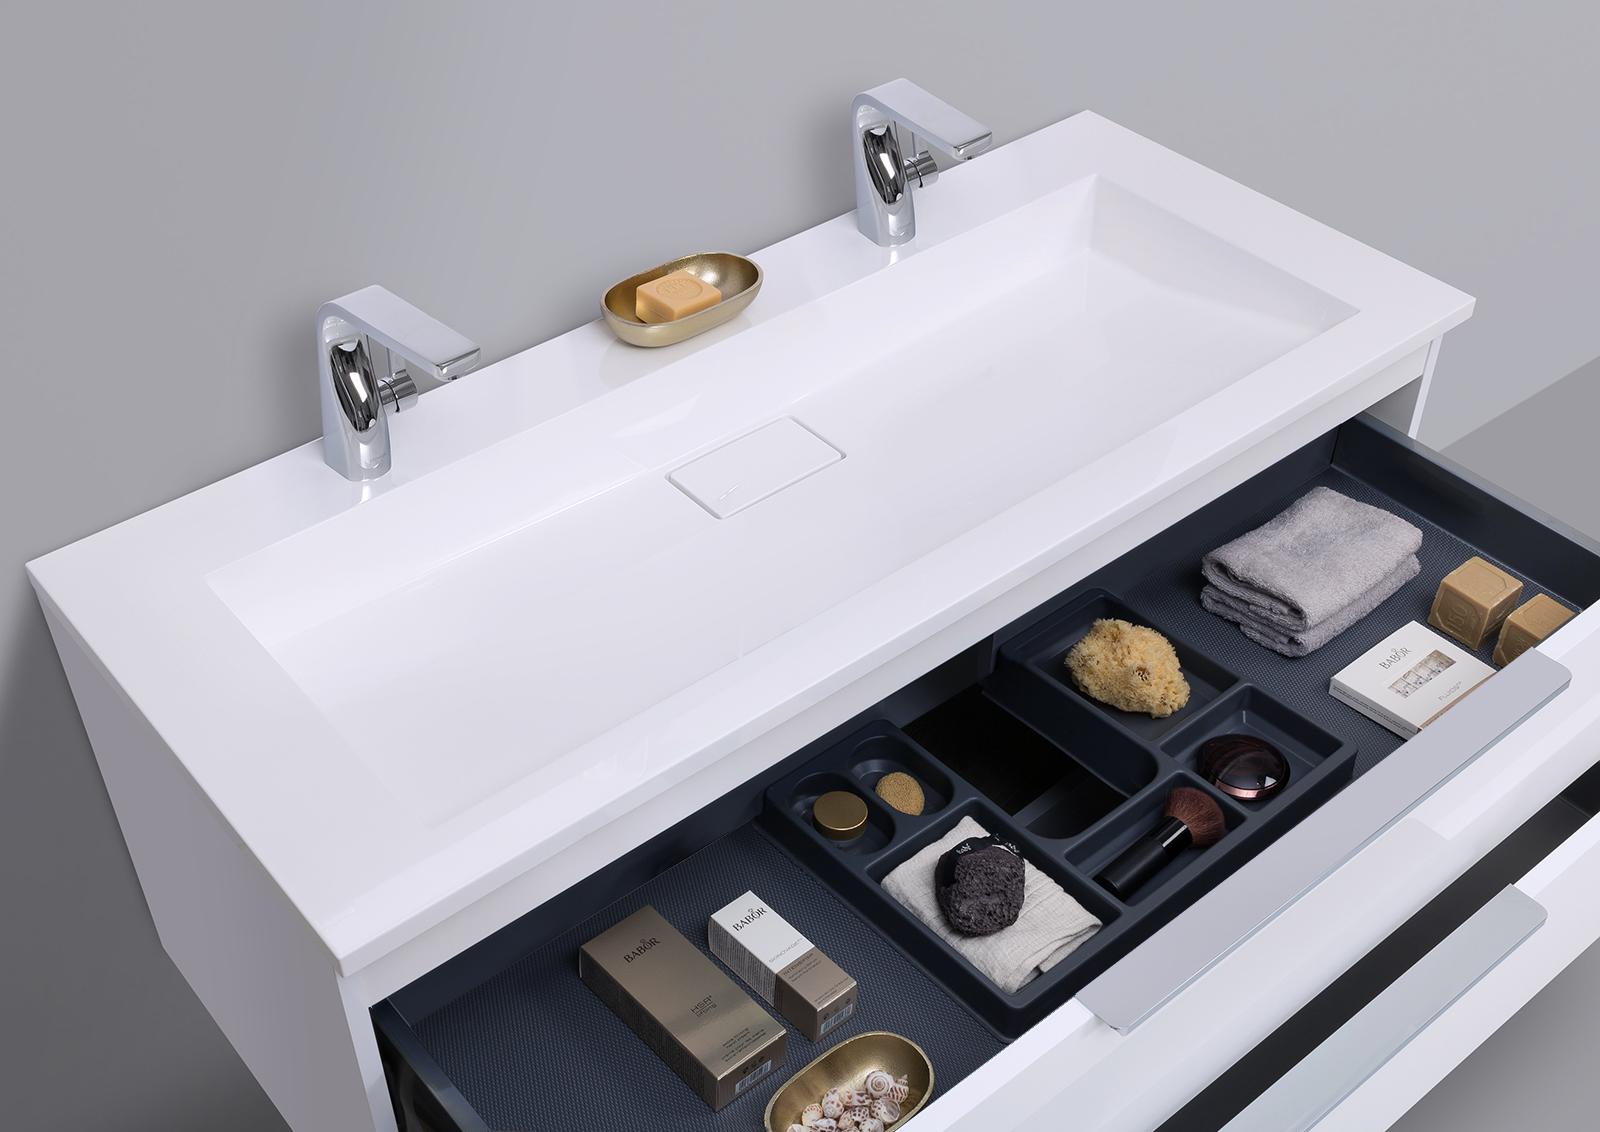 badm bel doppelwaschtisch 120 cm wei hochglanz mit unterschrank und led lichtspiegel. Black Bedroom Furniture Sets. Home Design Ideas